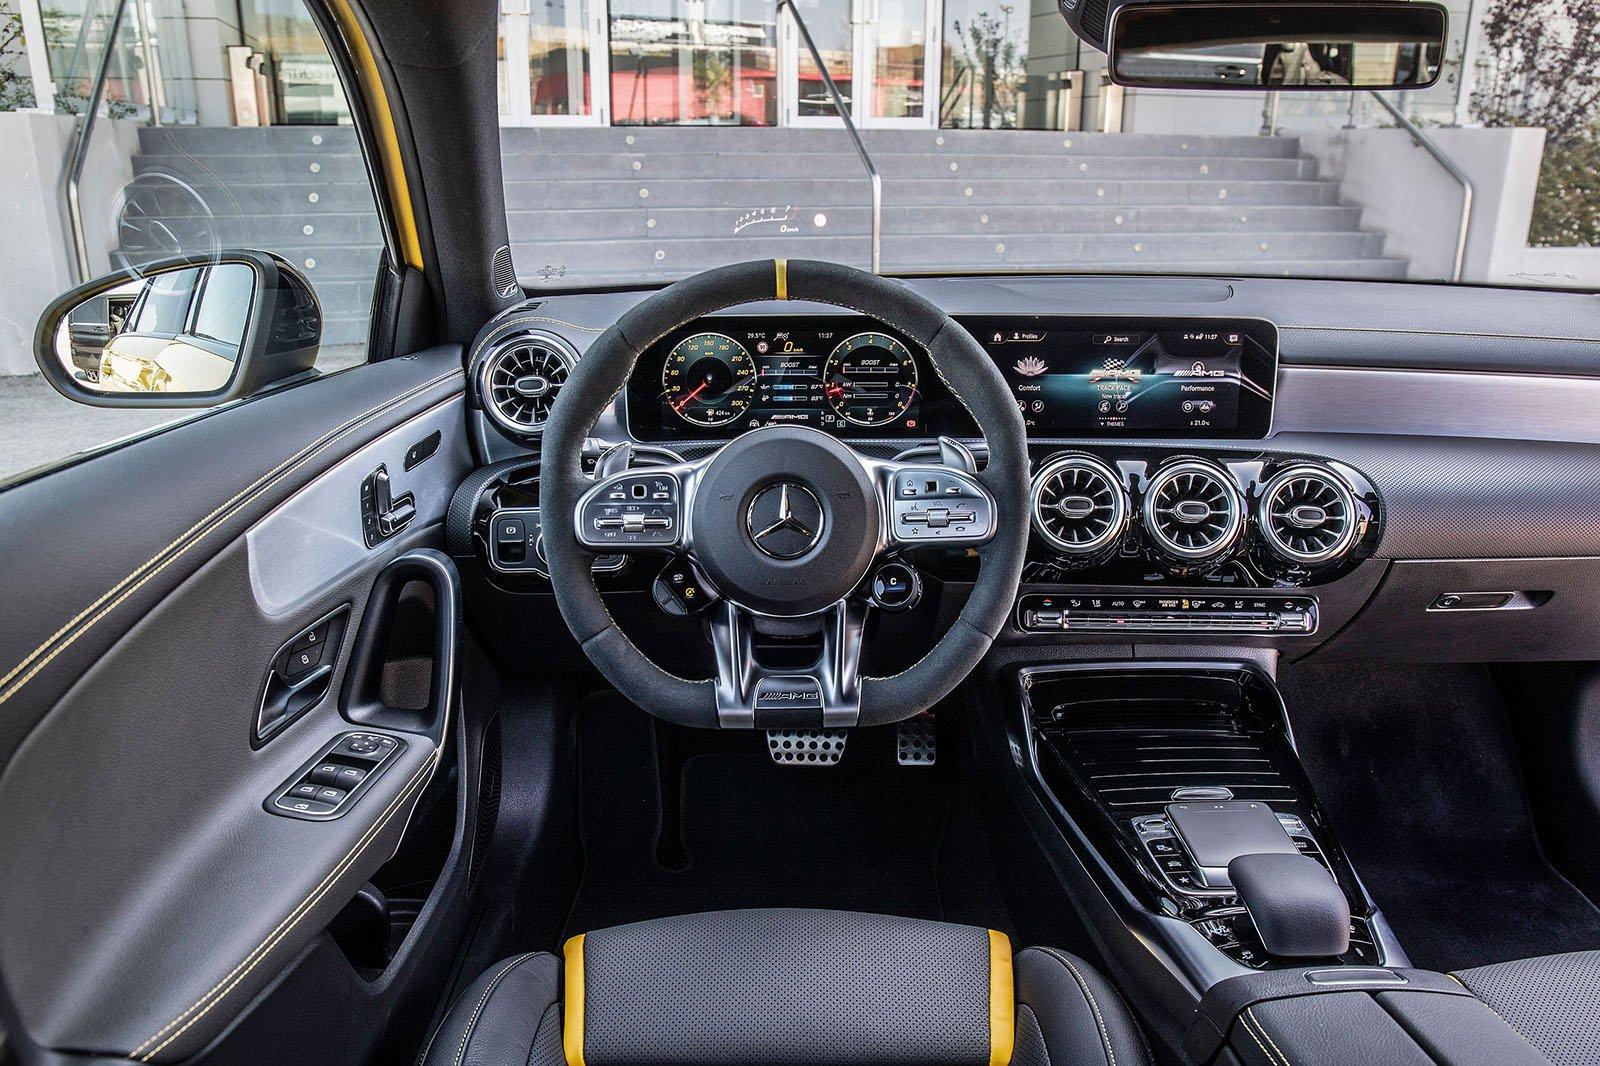 Mercedes-AMG A45 2019 LHD dashboard